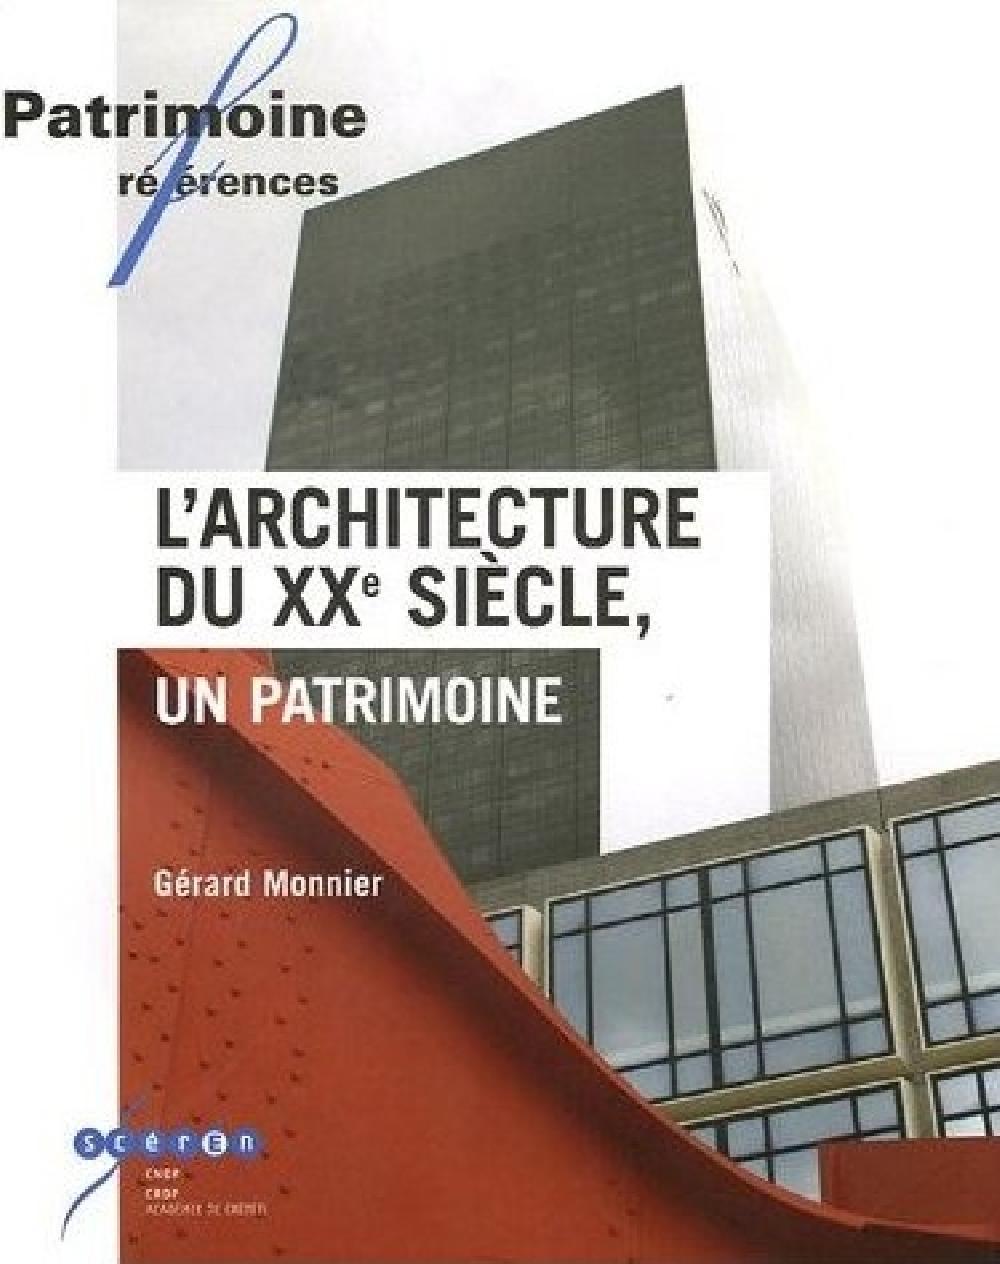 L'architecture du XXe siècle, un patrimoine